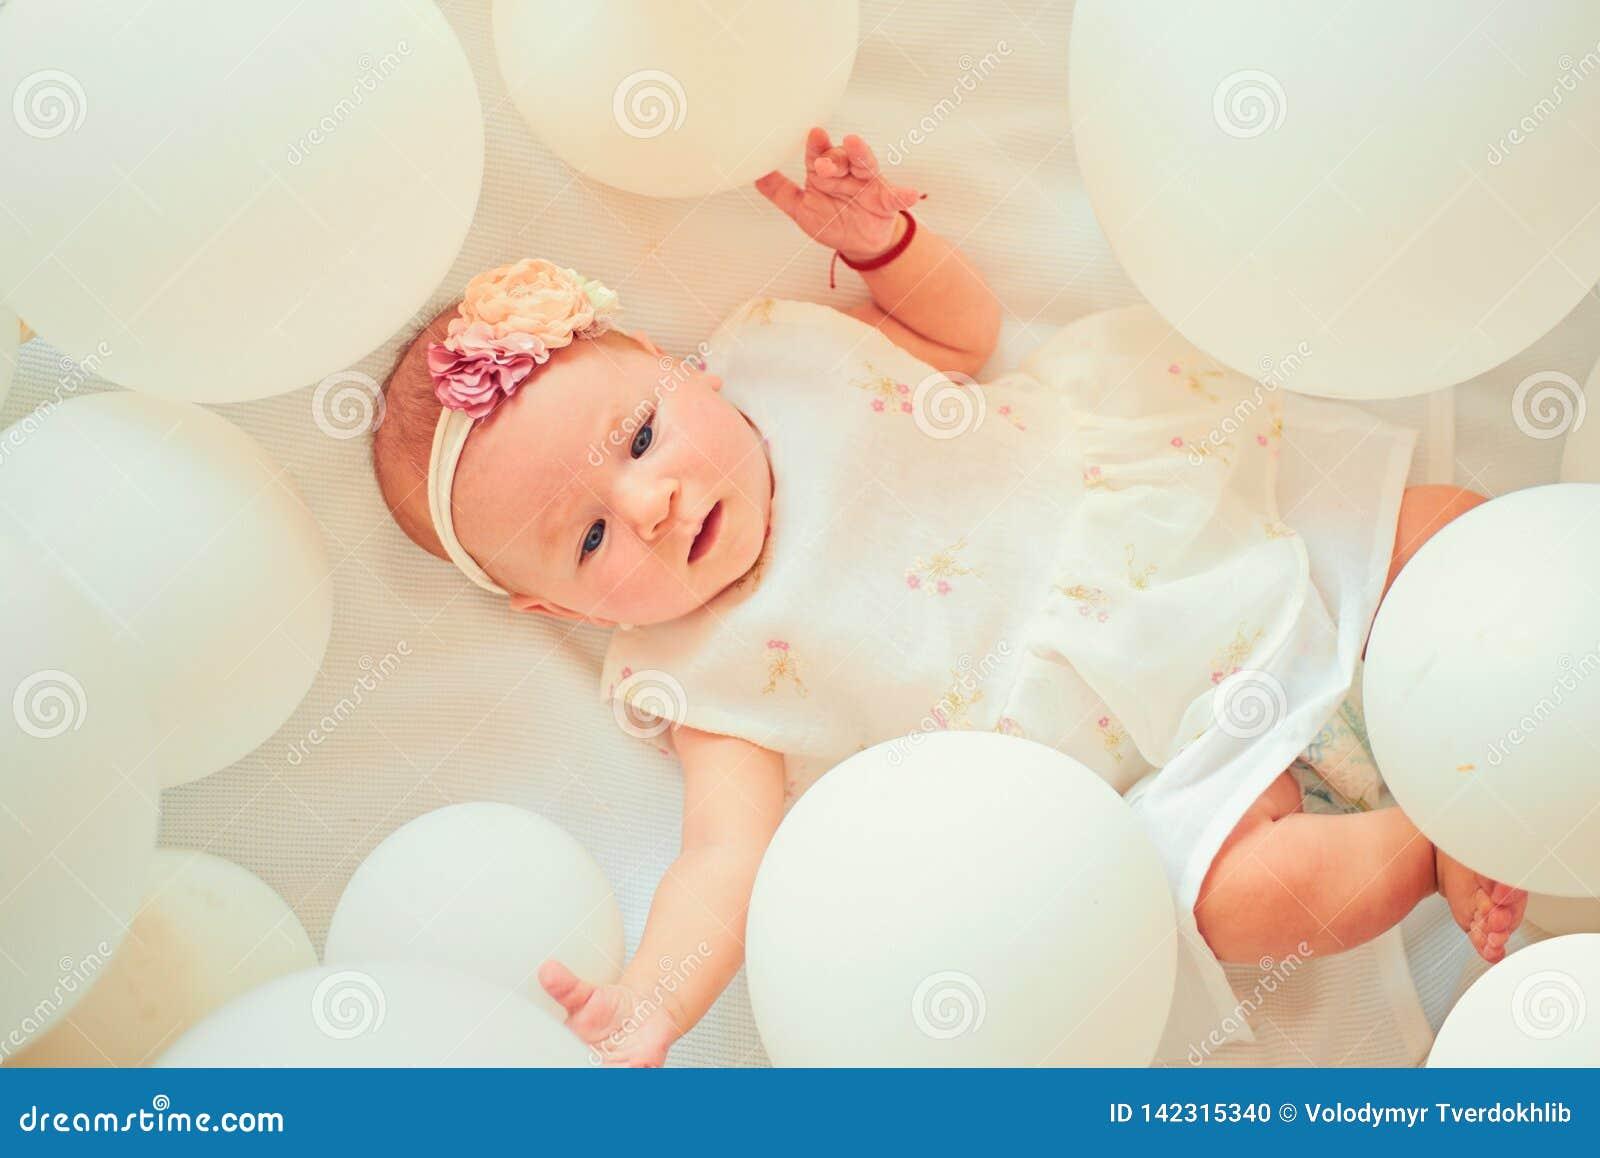 Slaperige baby Kinderjarengeluk Snoepje weinig baby Het nieuwe leven en geboorte Familie Kinderverzorging De Dag van kinderen Kle